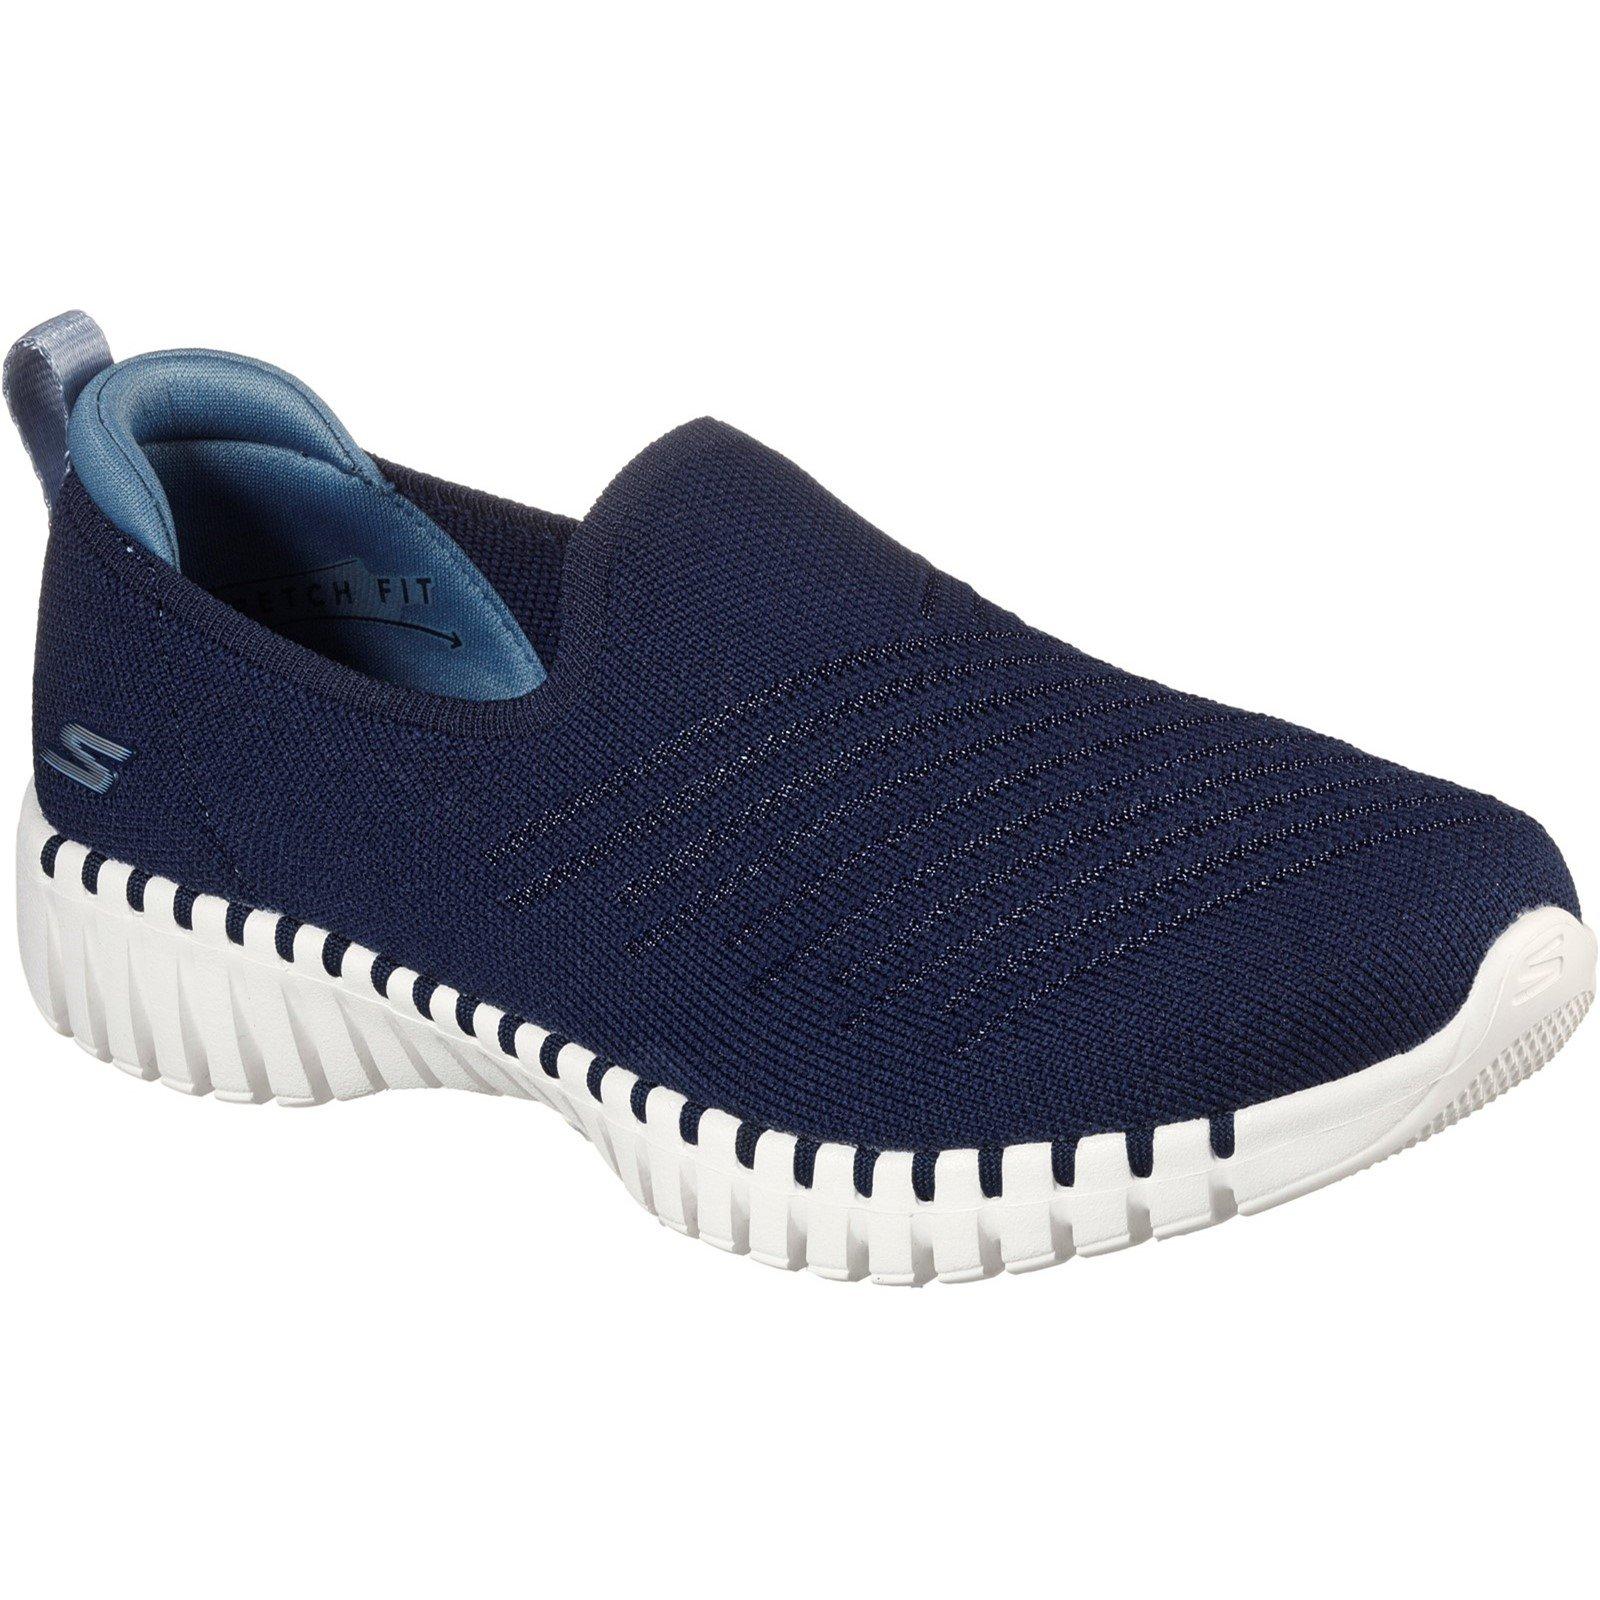 Skechers Women's Go Walk Smart Brunch Slip On Trainer Various Colours 32146 - Navy/Blue 5